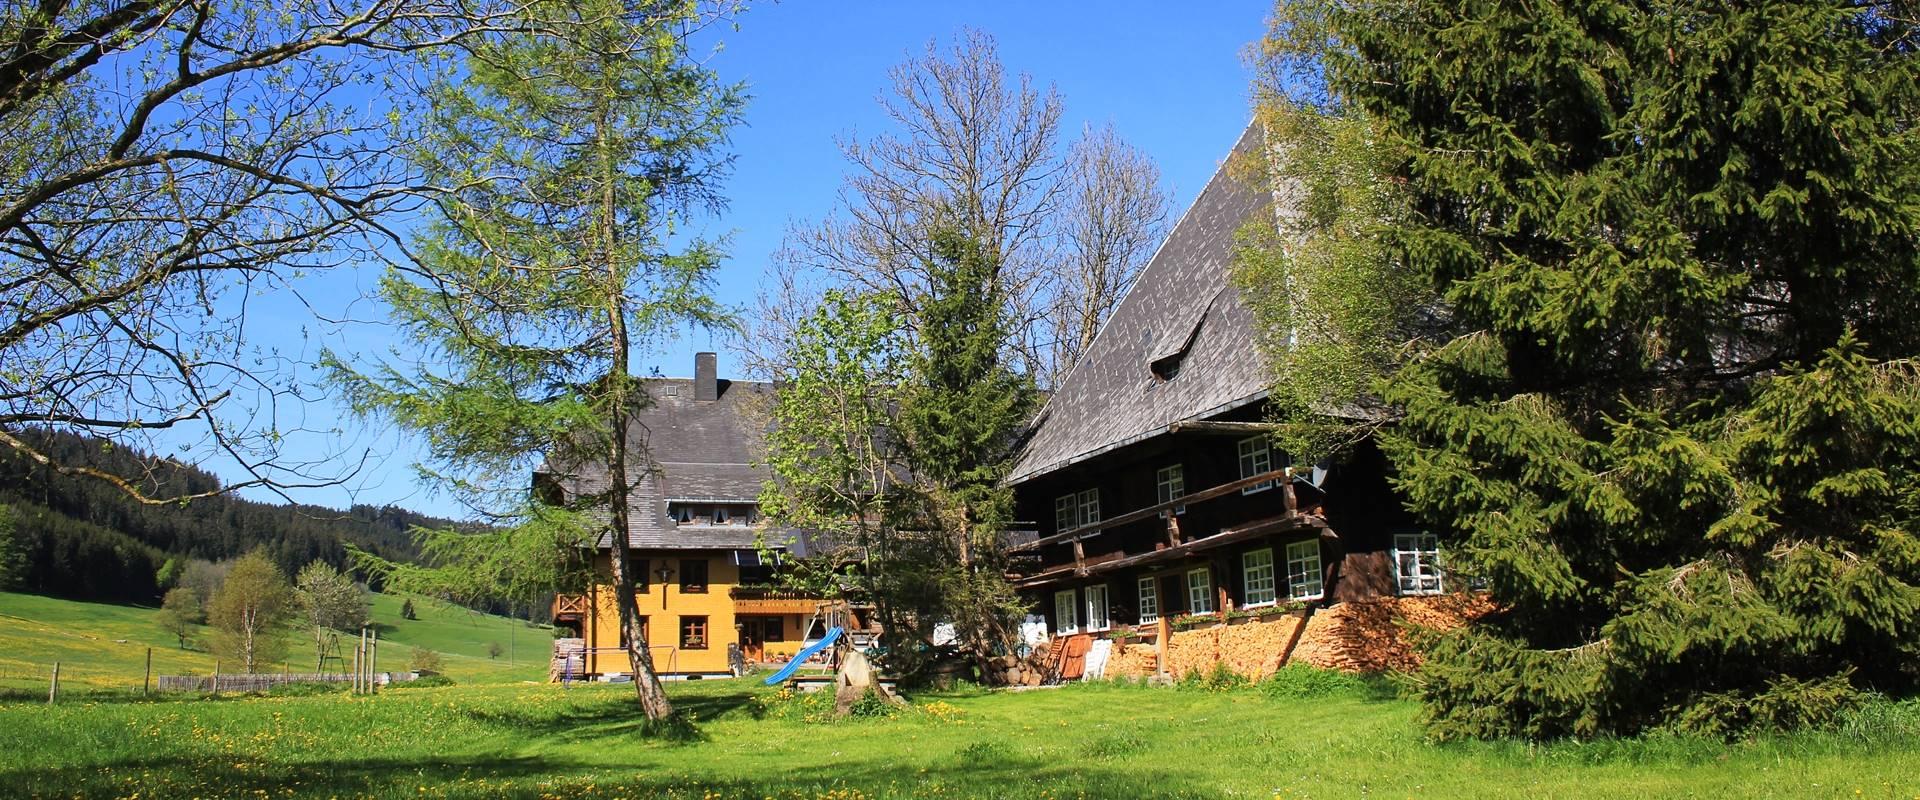 Griesbachhof und Ferienhaus im Sommer / Griesbachhof-Schwarzwald